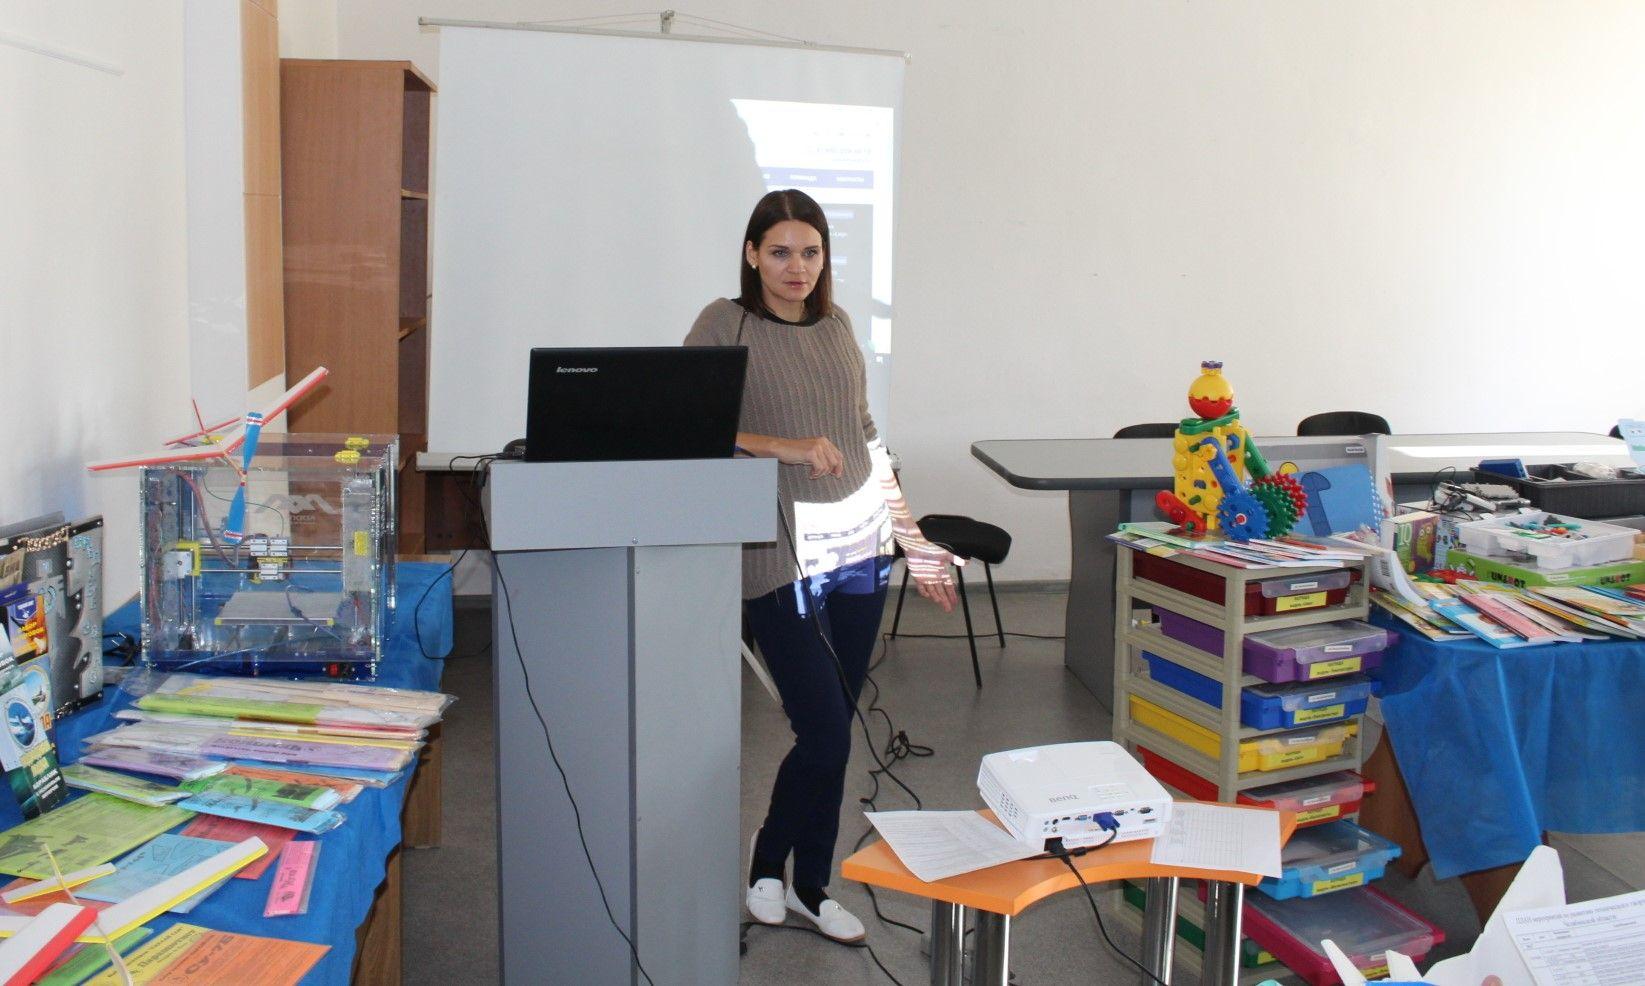 «Авиамодельный кружок в начальной школе». В Челябинске состоялась первая рабочая встреча и мастер-класс для педагогов